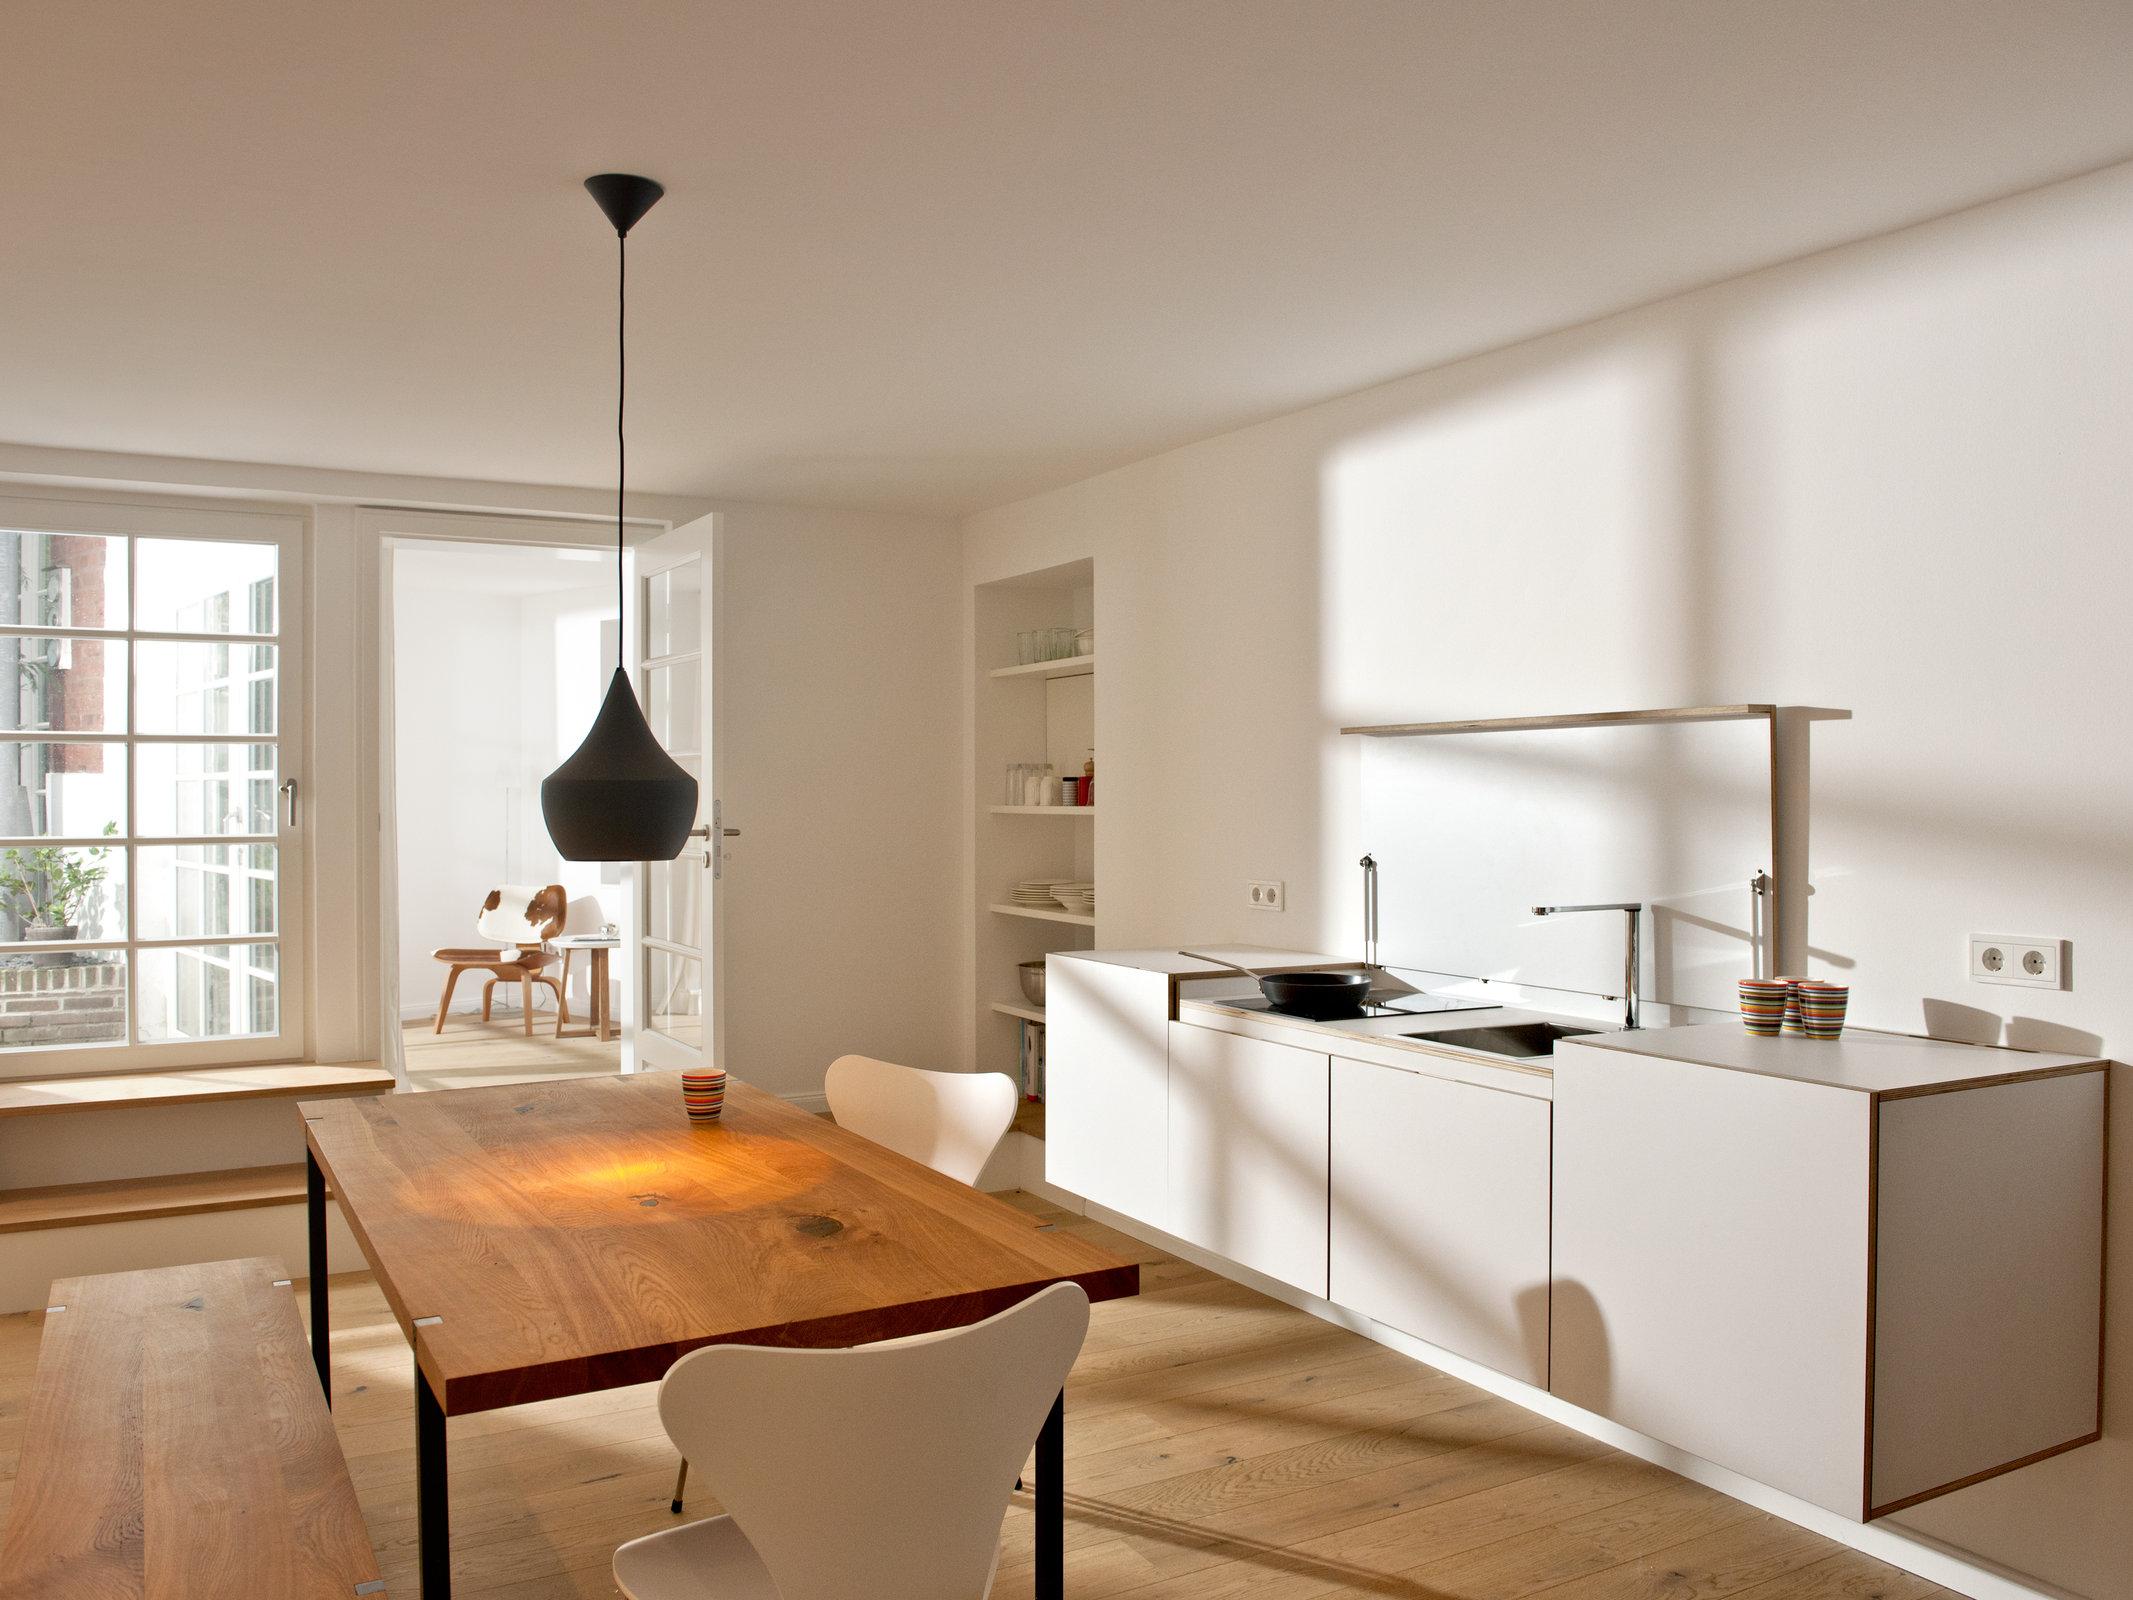 Charmant Küchen In Kleinen Wohnungen Ideen - Küche Set Ideen ...